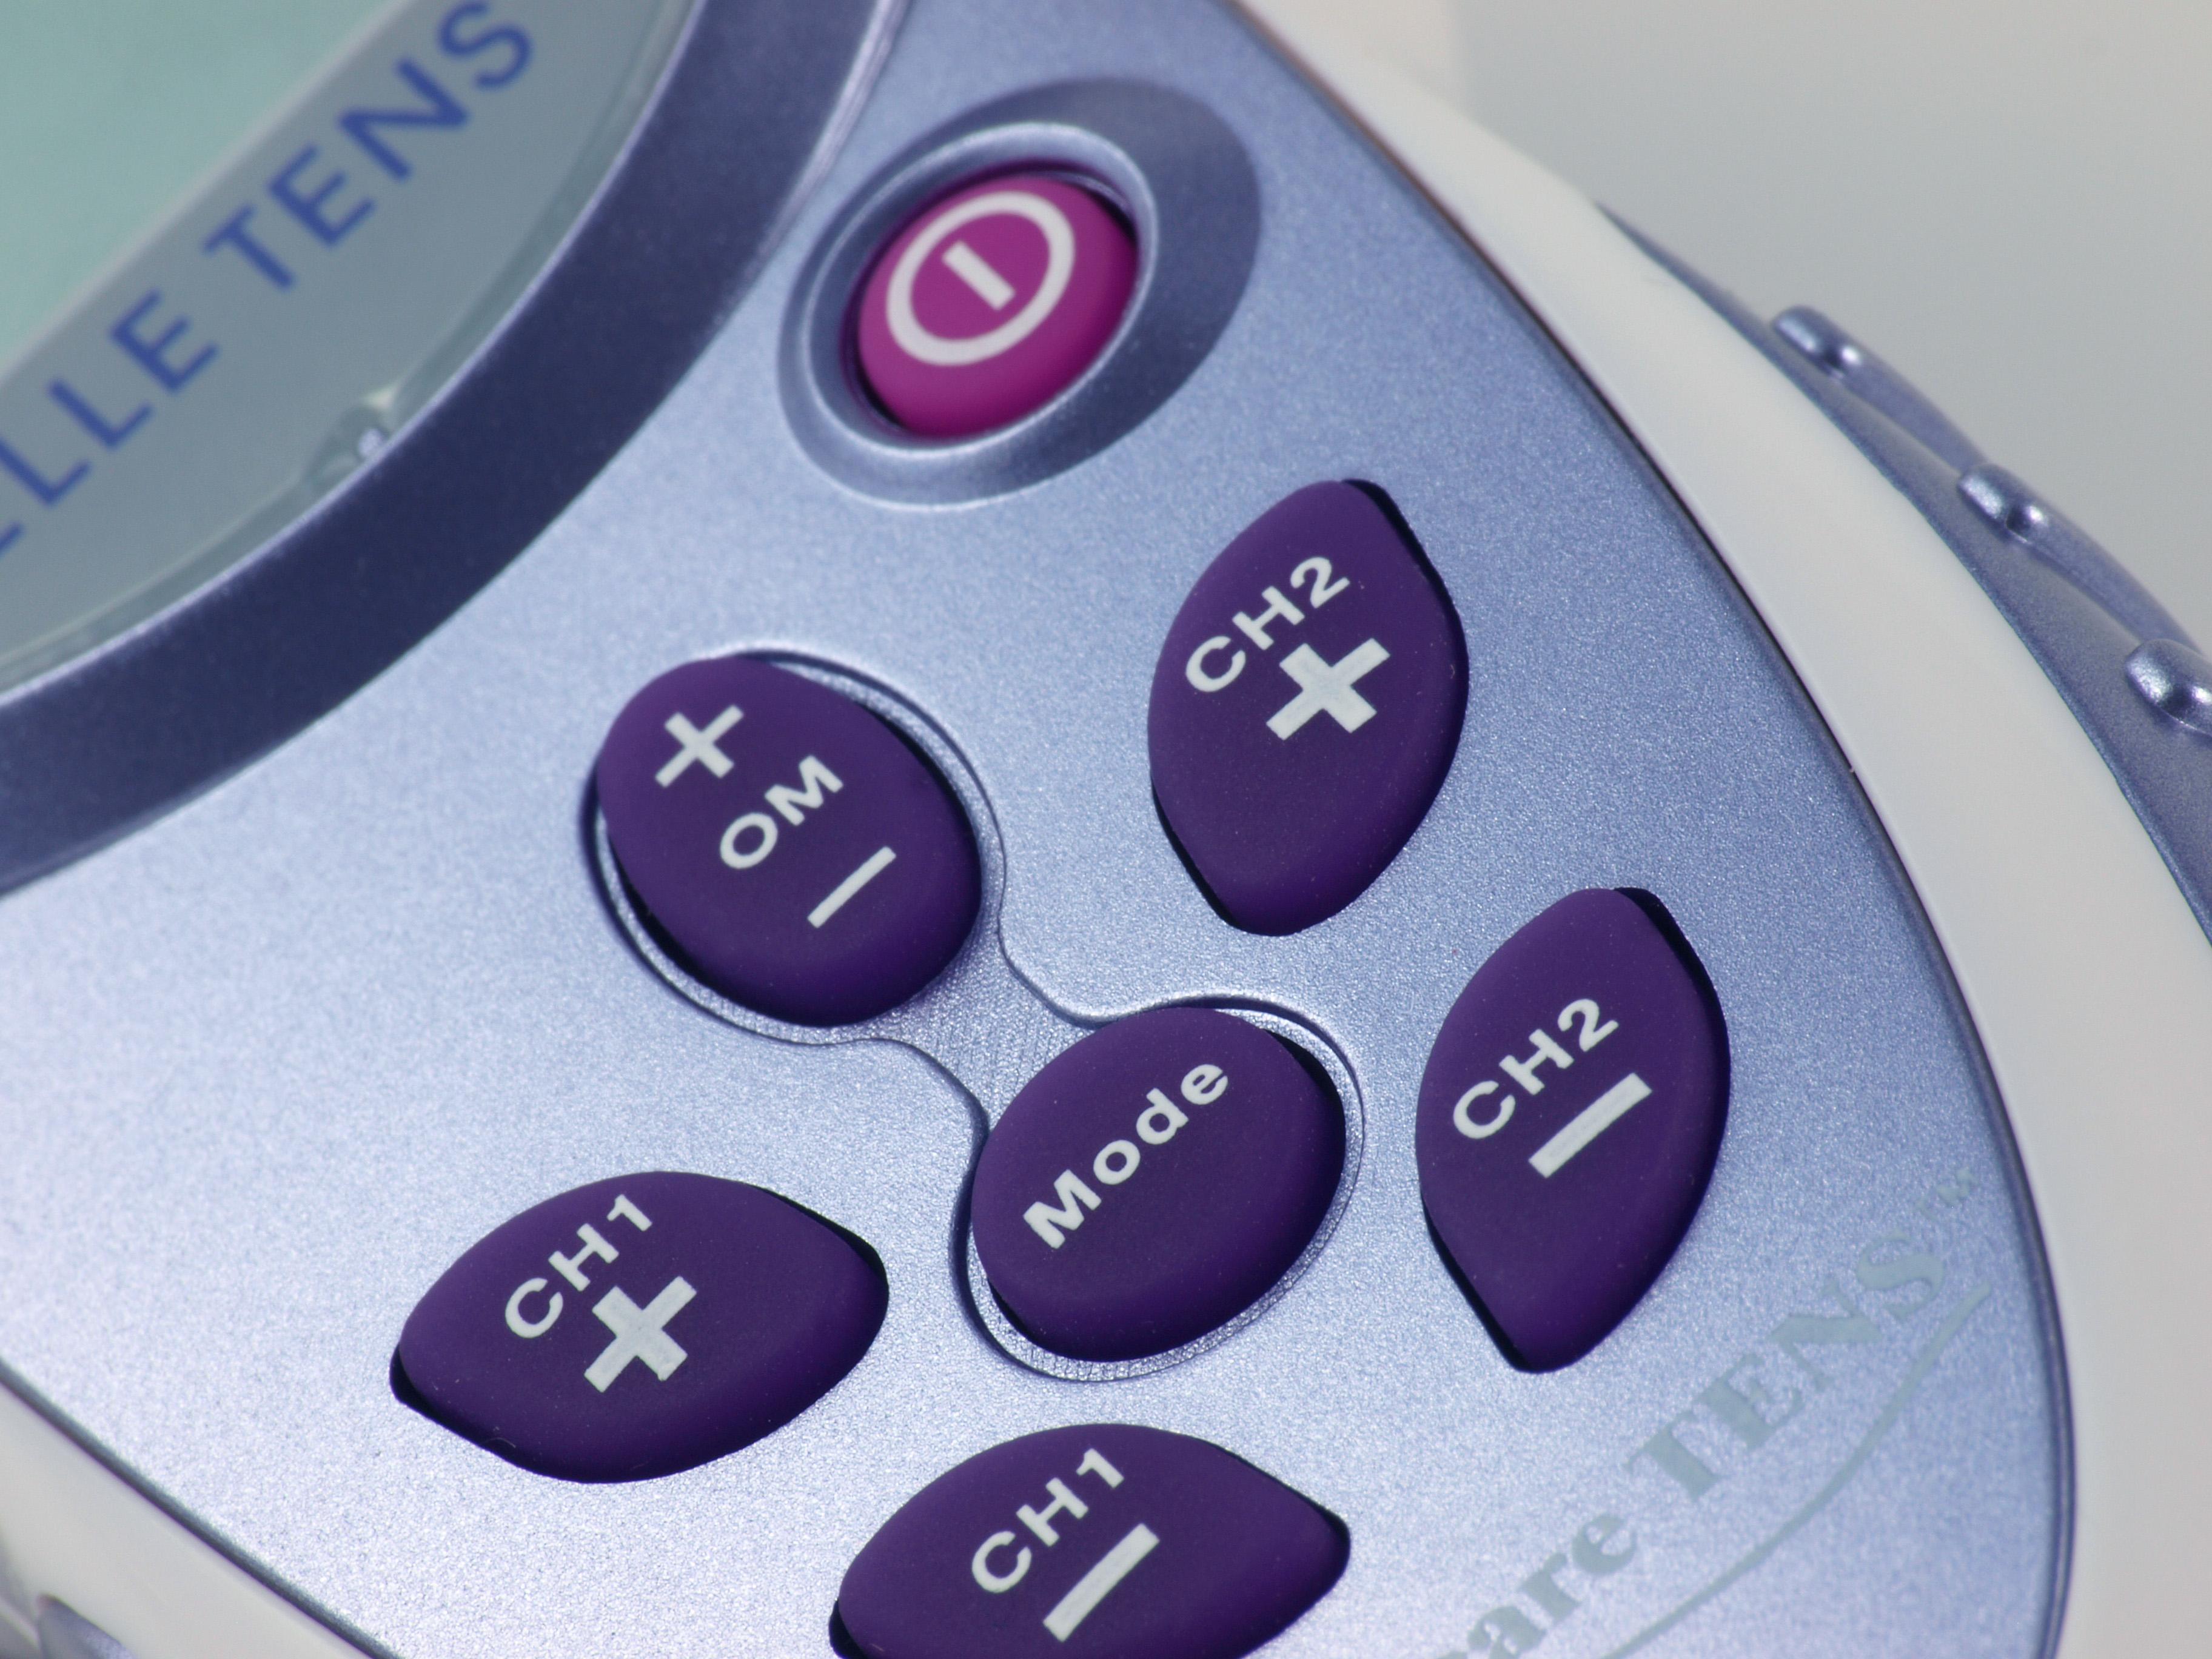 Elle TENS buttons